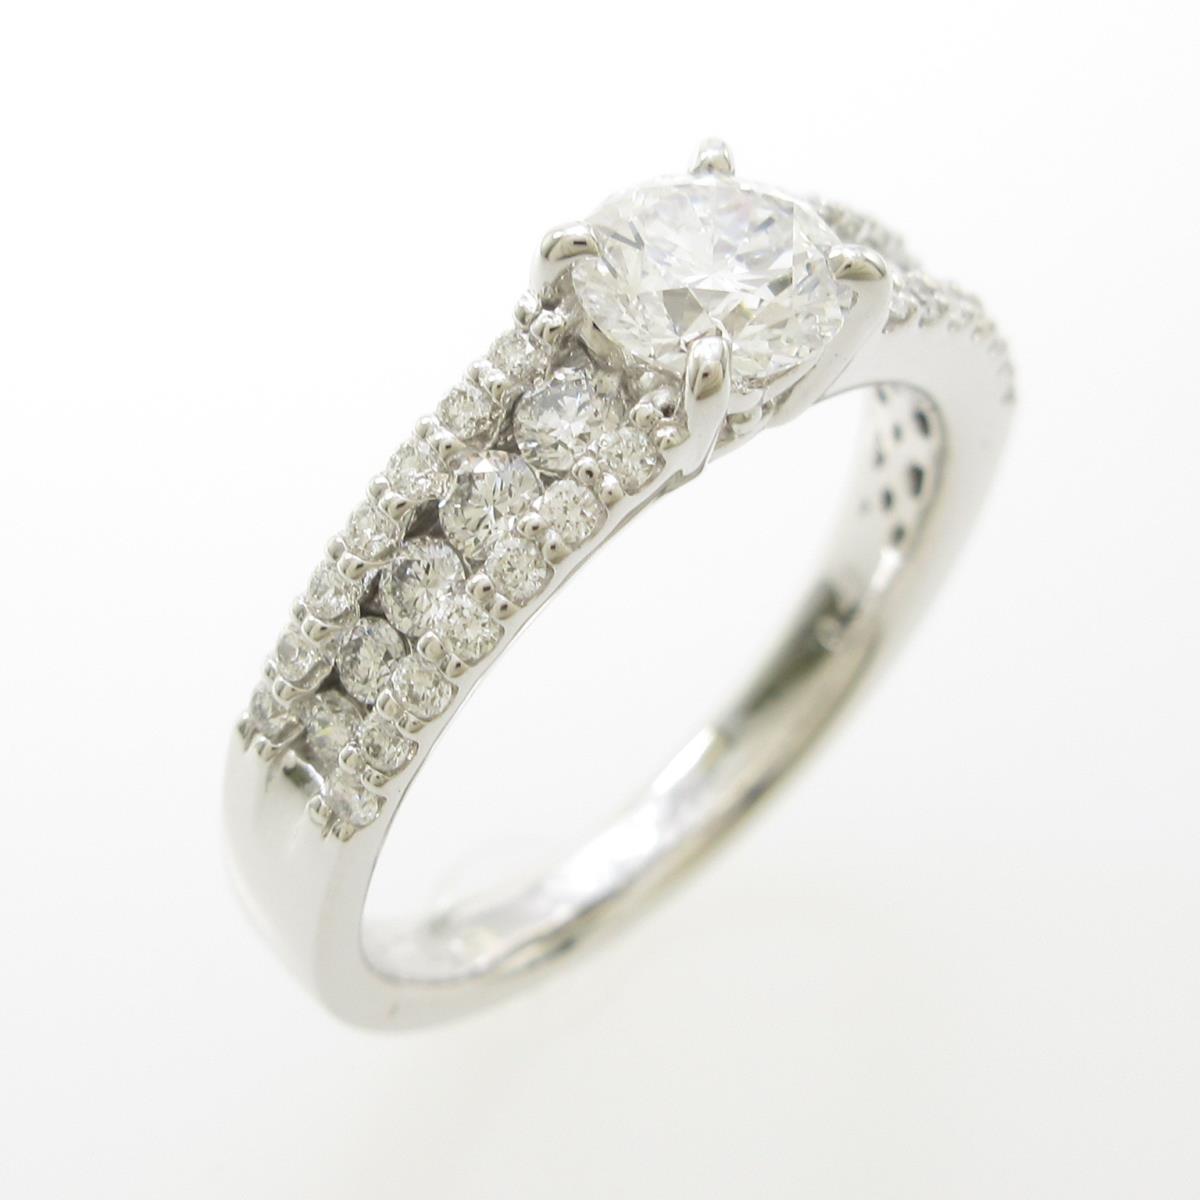 【リメイク】プラチナダイヤモンドリング 0.505ct・D・VVS2・EX H&C【中古】